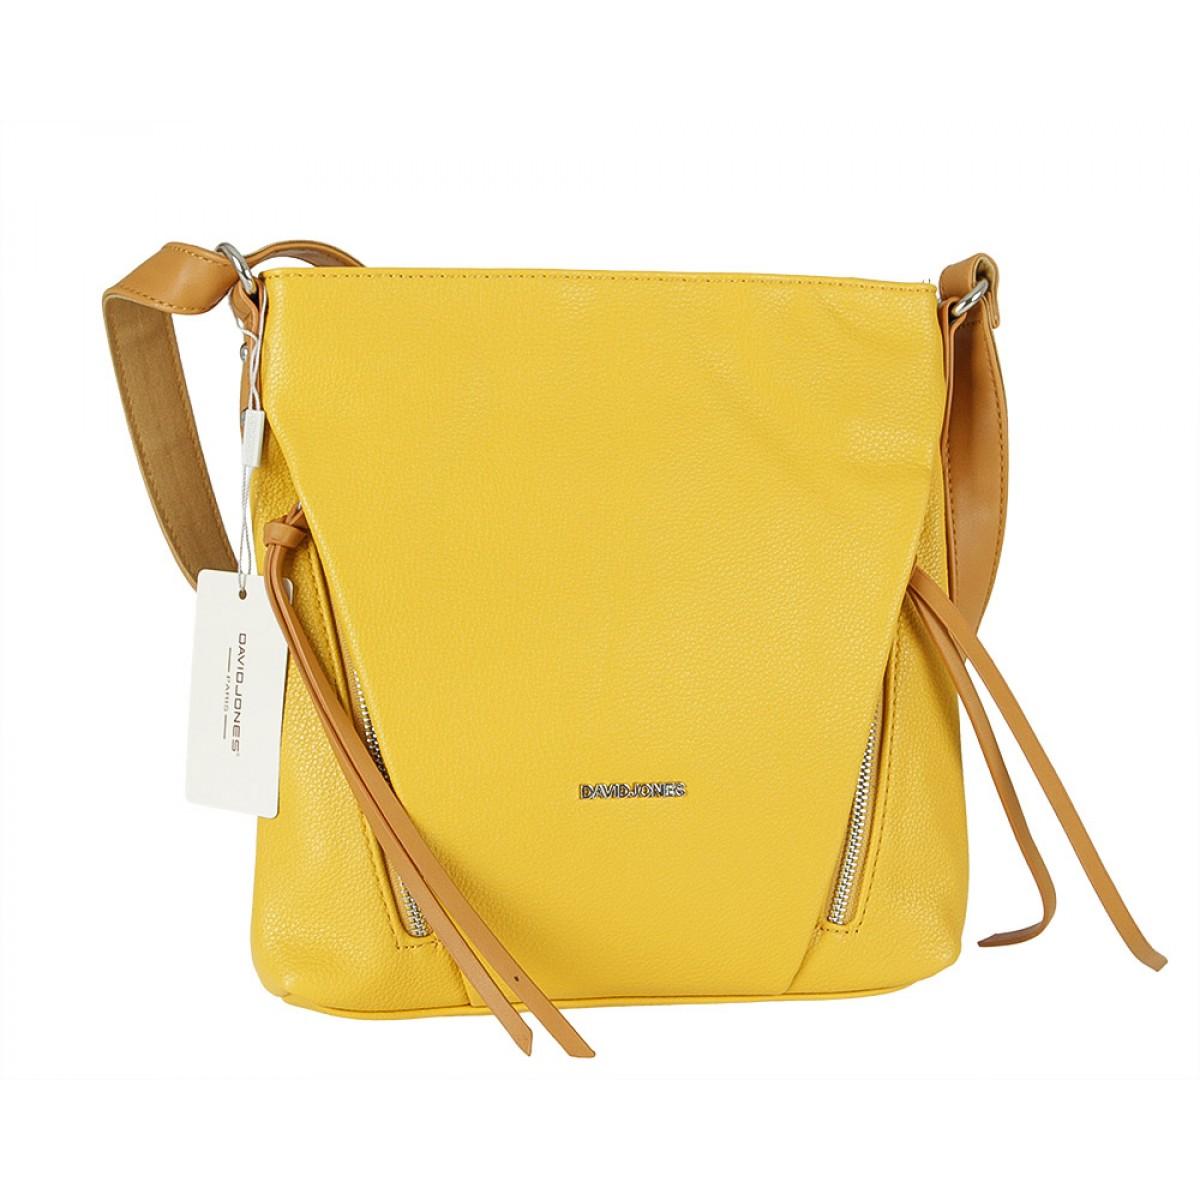 Жіноча сумка David Jones 6218-1 YELLOW